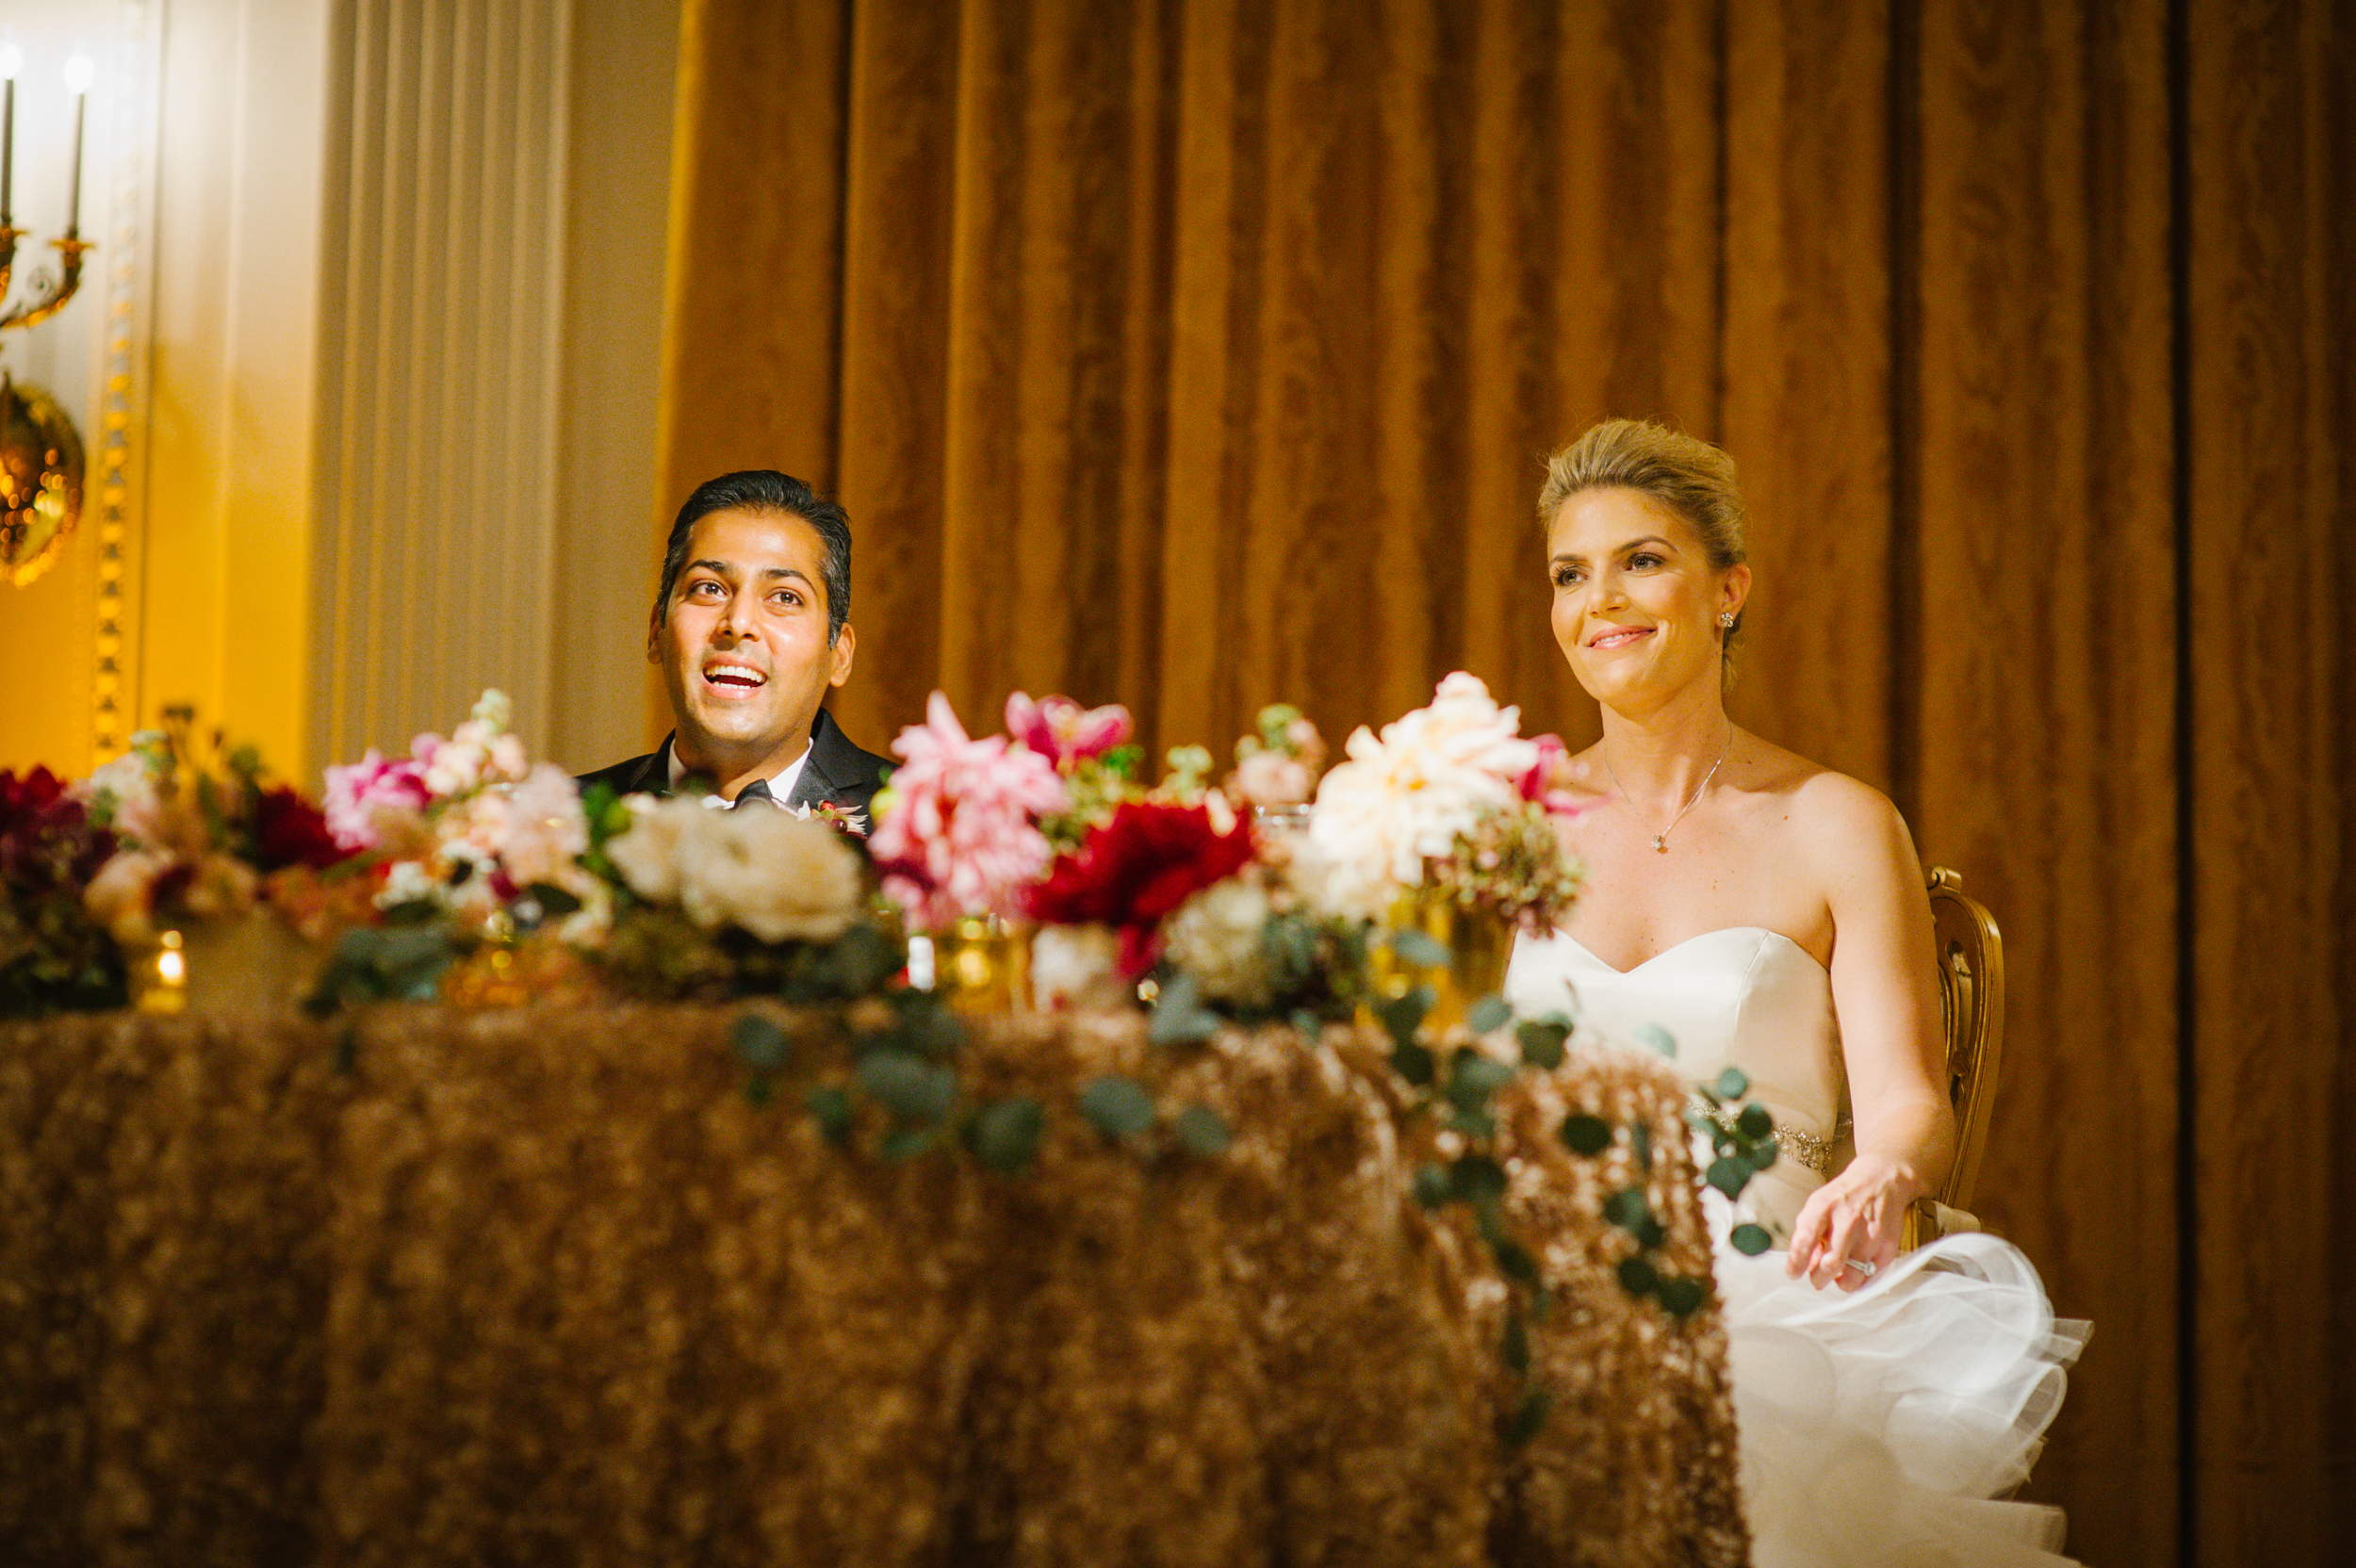 JKP_Indian_Weddings_0120.JPG